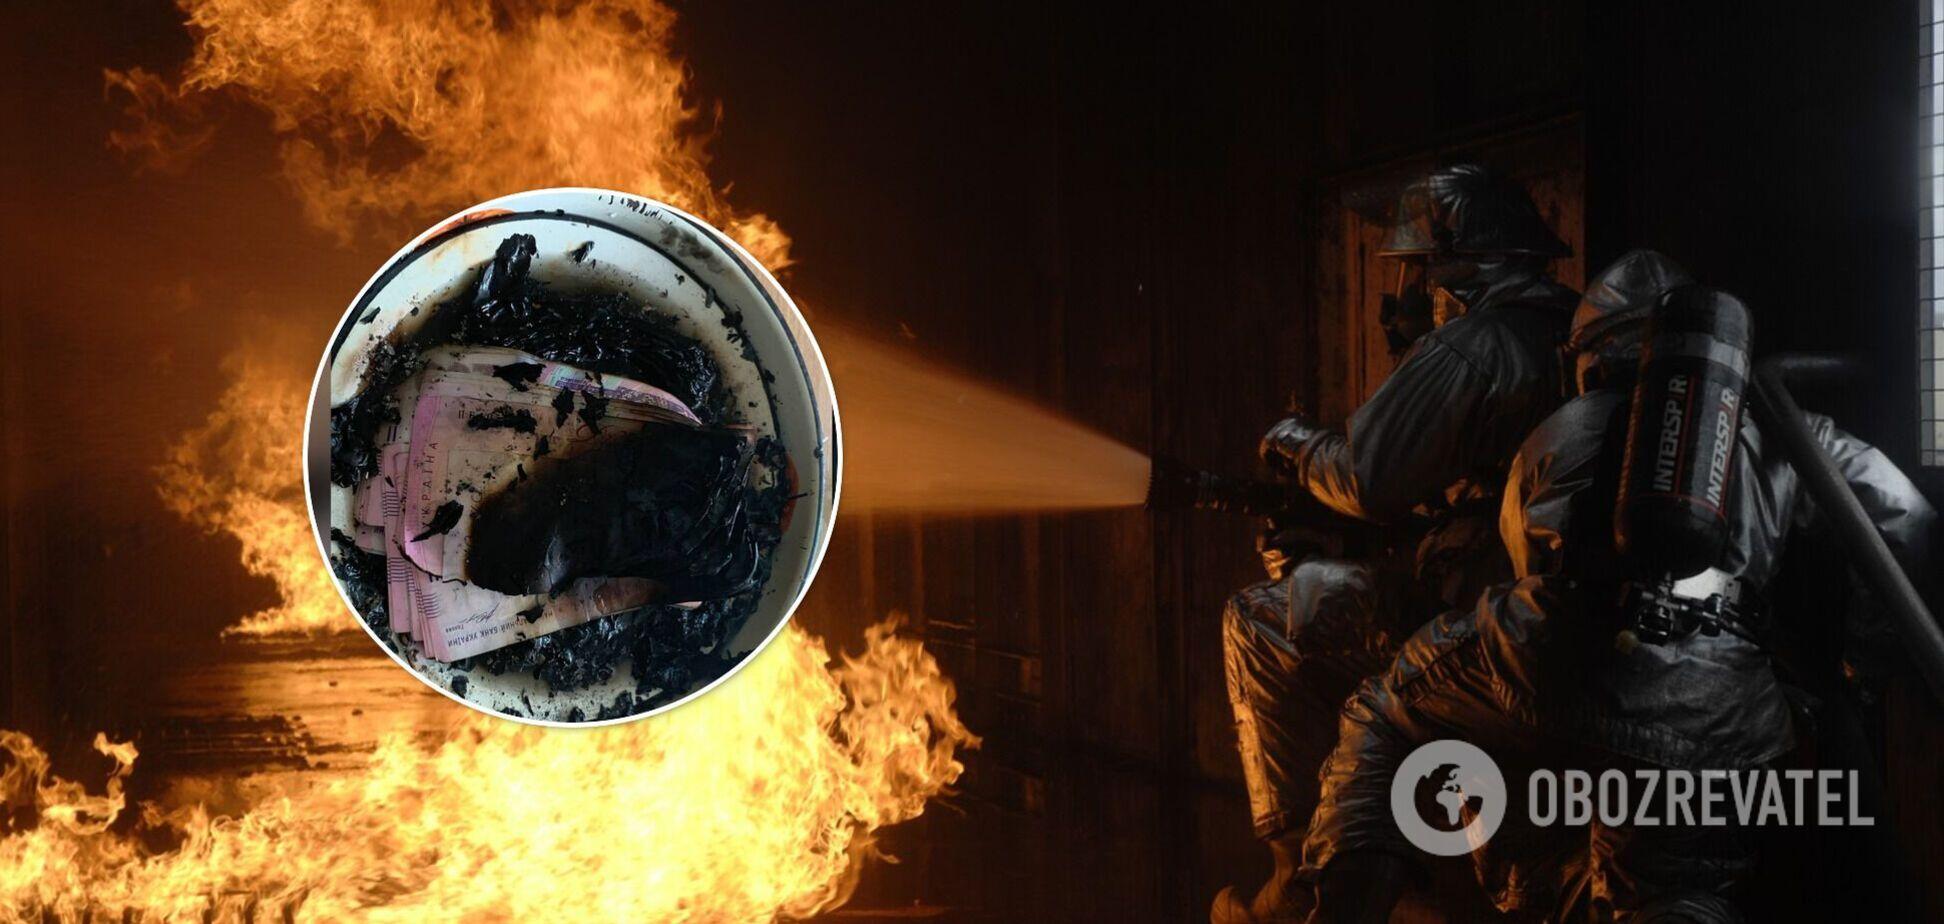 У Дніпрі жінка спалила майже 100 тисяч гривень за наказом 'голосів в голові'. Фото